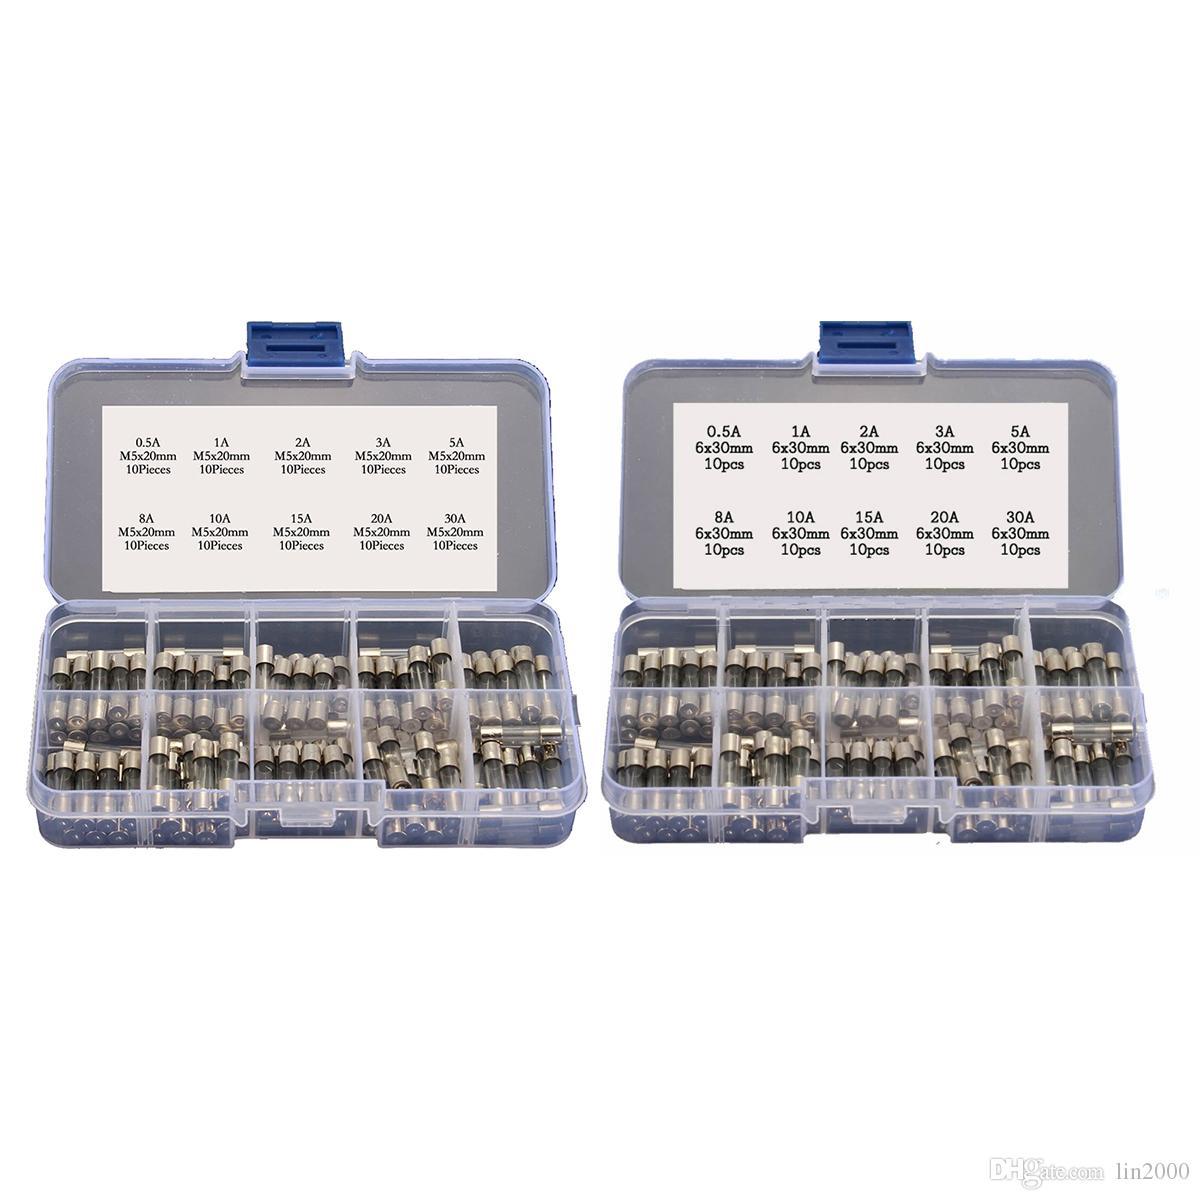 200PCS 5x20mm 6x30mm السريع ضربة الزجاج أنبوب الصمامات تشكيلة كيت 0.5A - 30A 250V